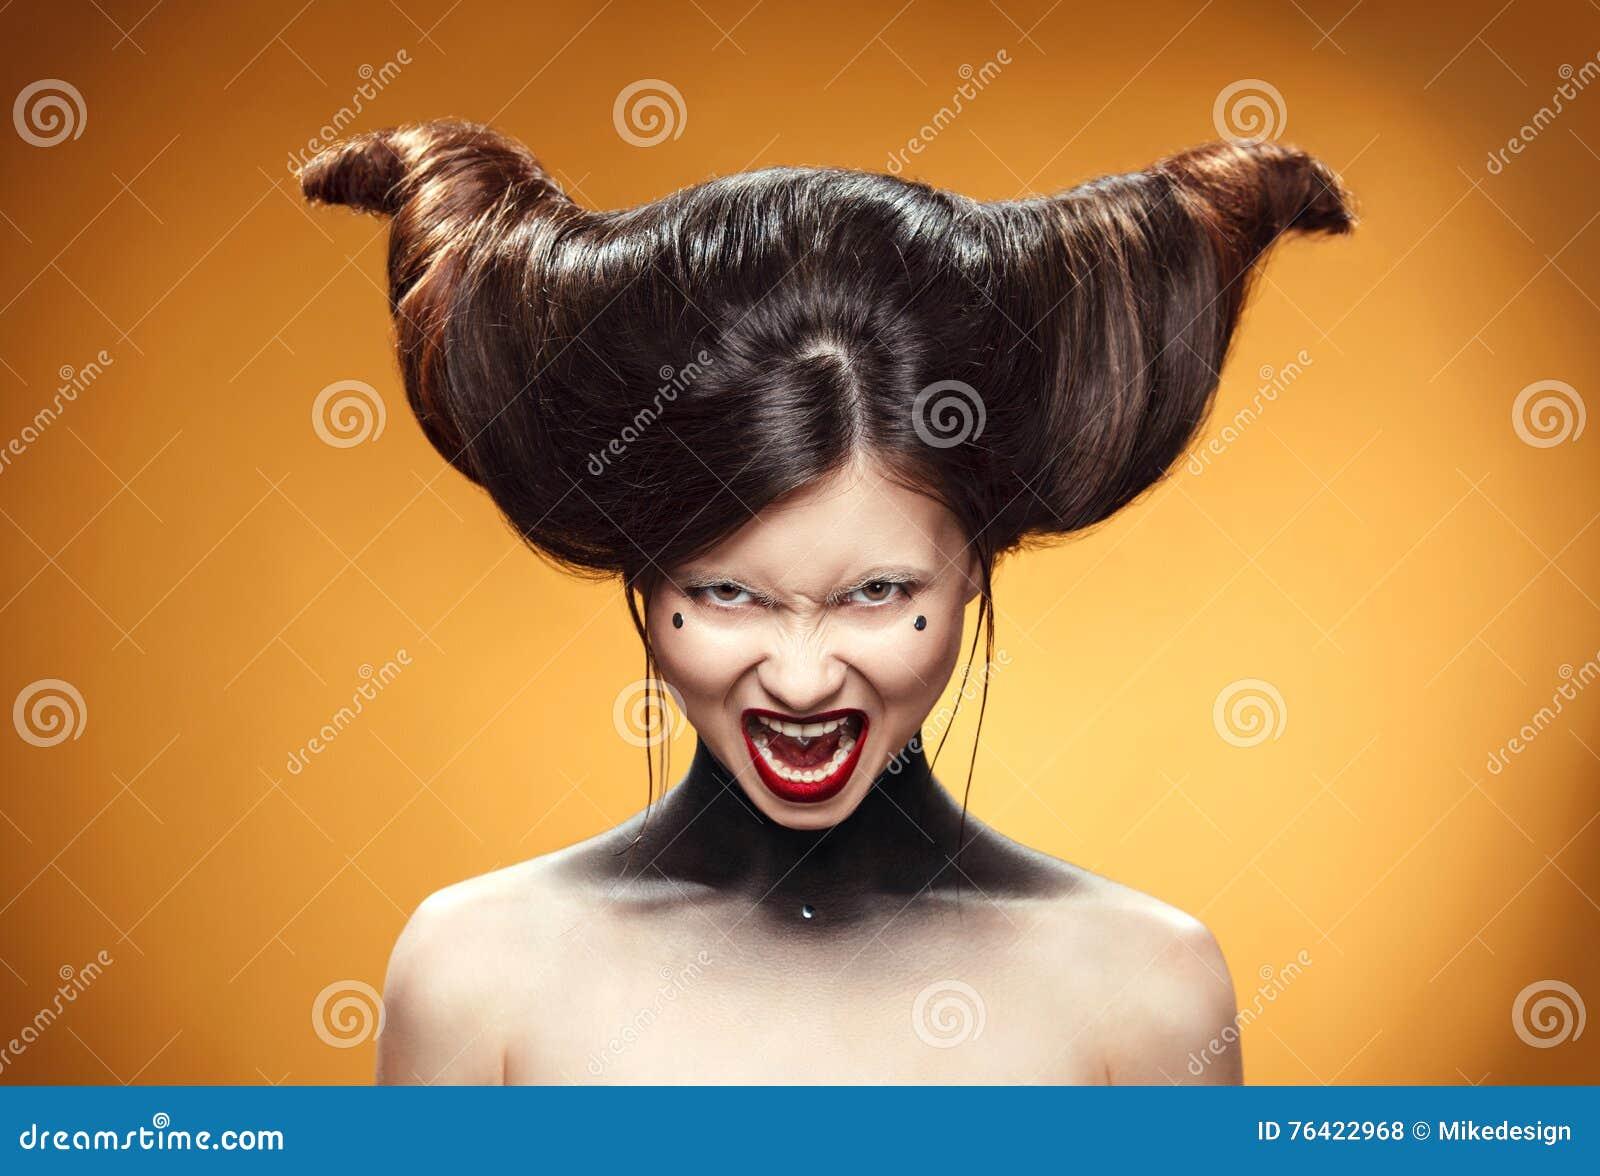 Schones Madchen Mit Erstaunlicher Frisur Anzeigendruck Fur Friseure